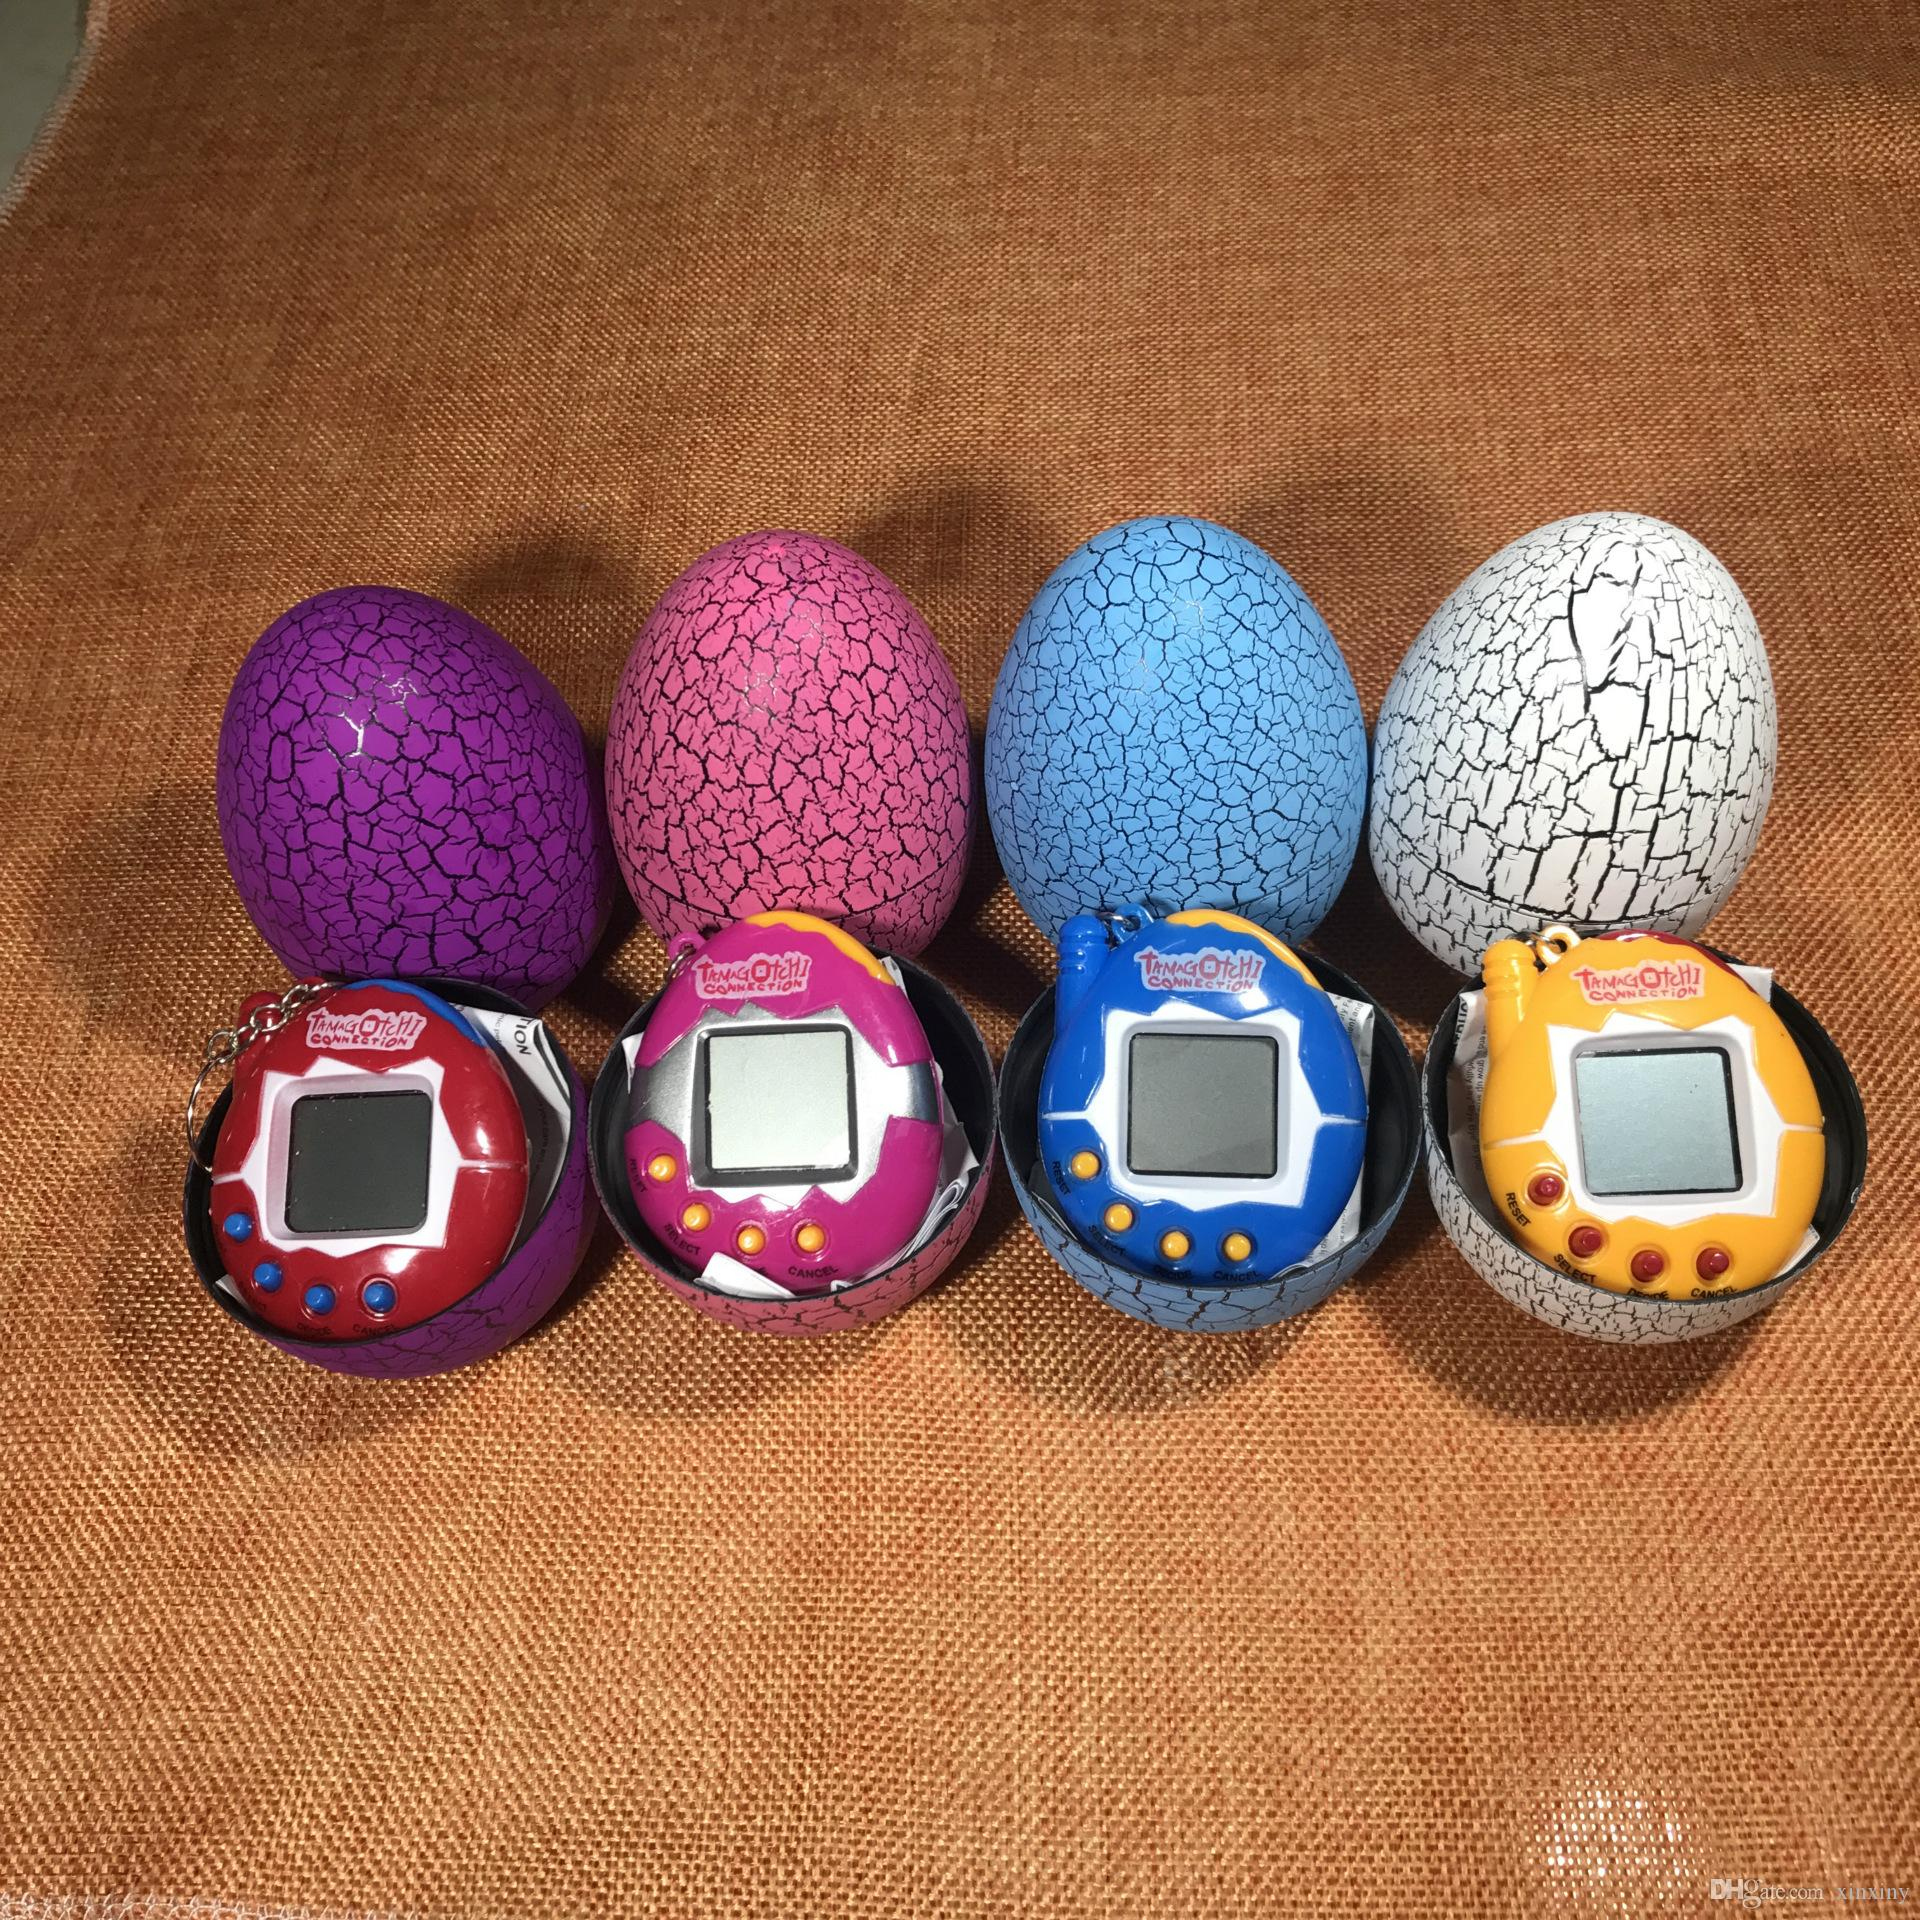 Neue Multi-color Cartoon Überraschung Ei Acrobata Elektronische Pet Mini Hand Spielmaschine kind spielzeug kleines geschenk